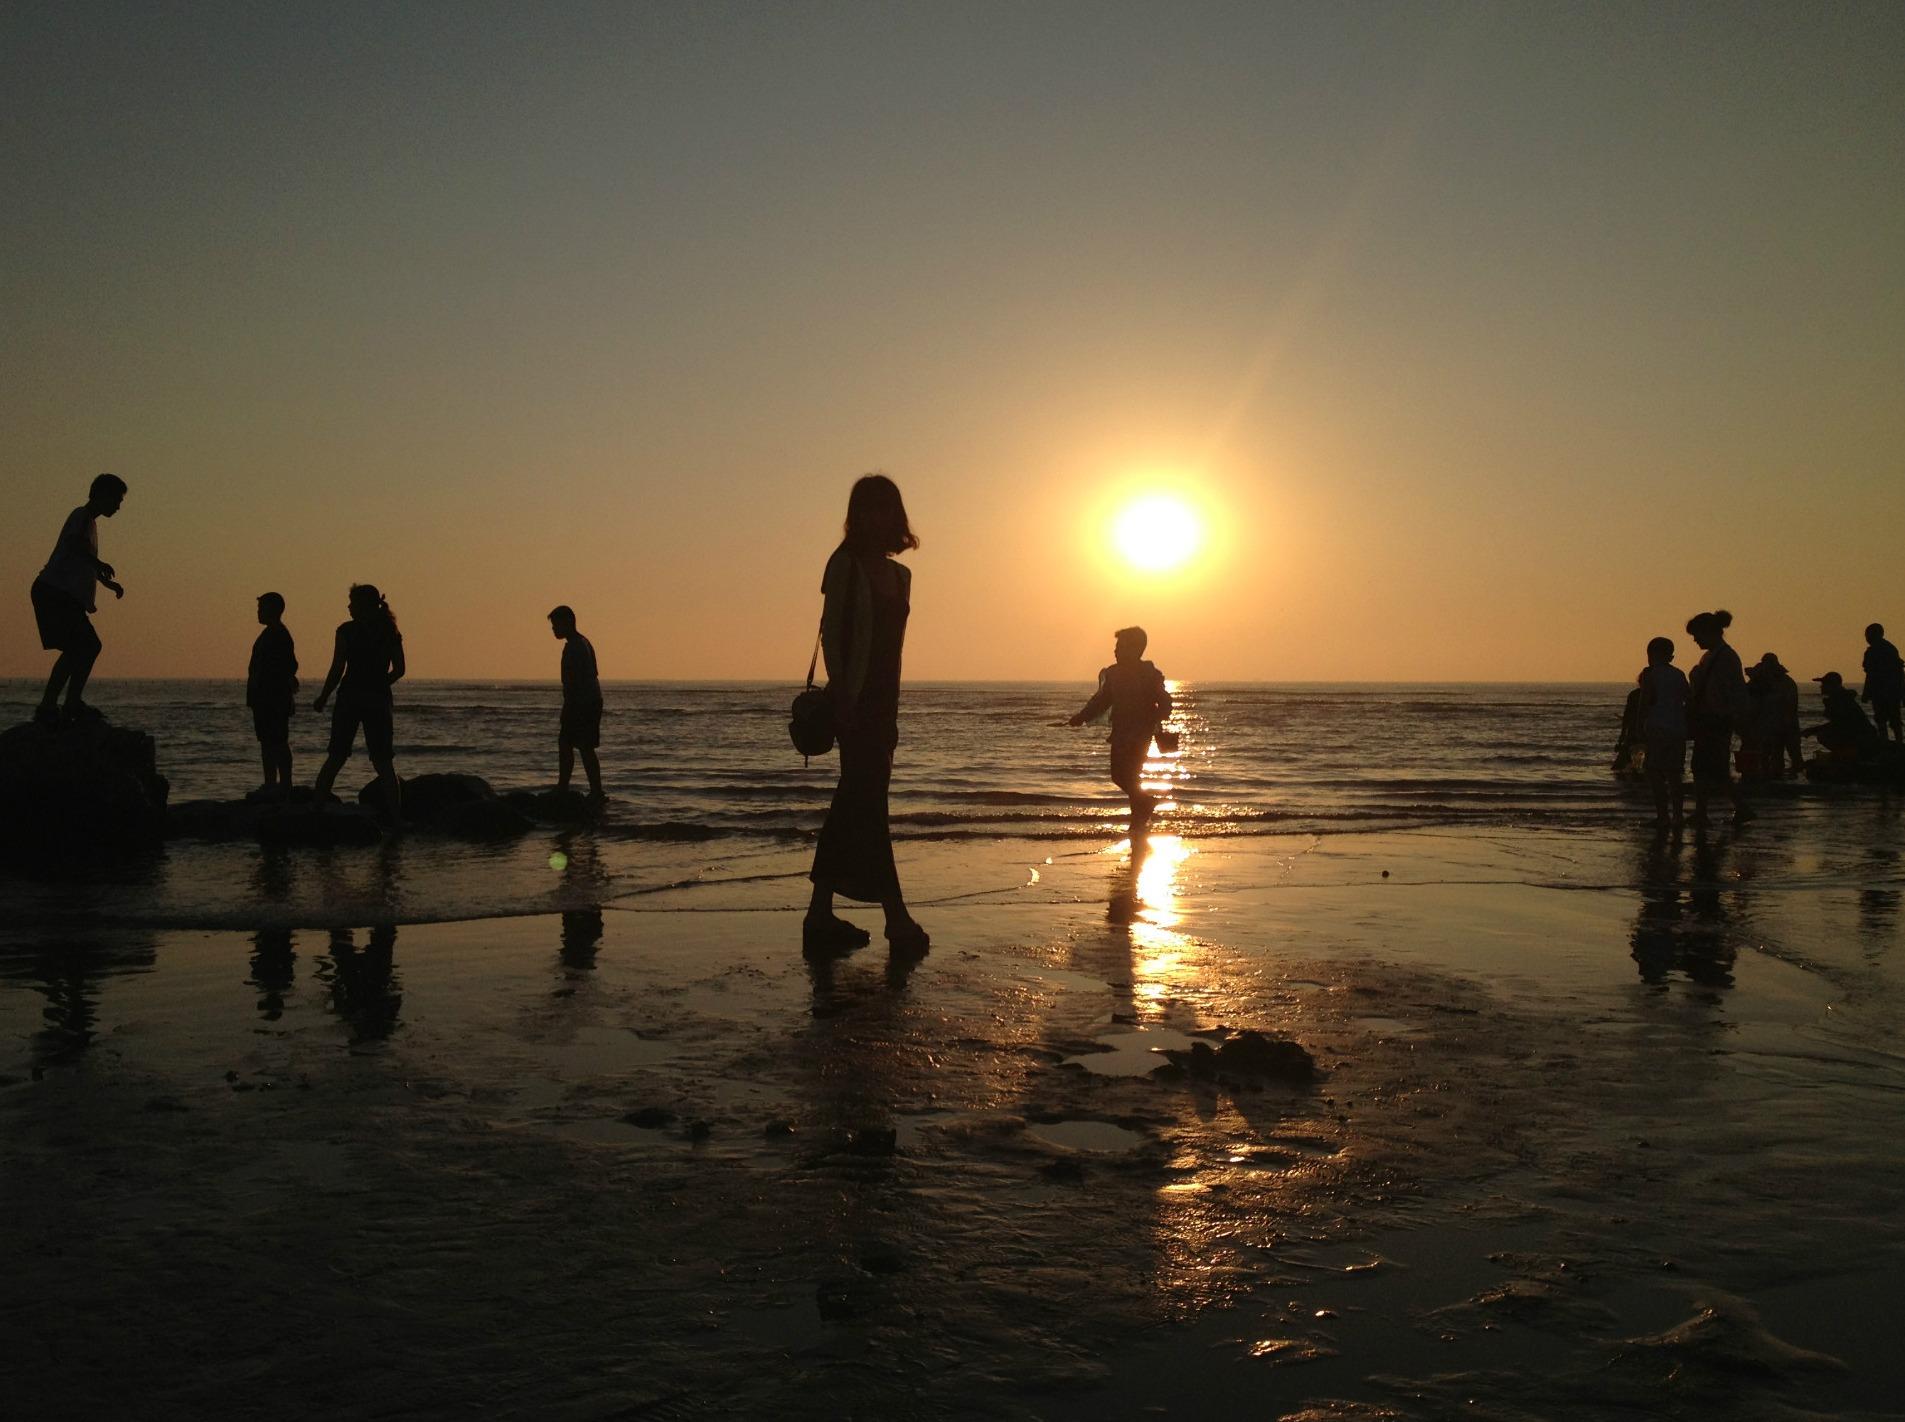 一起看海上日落吧